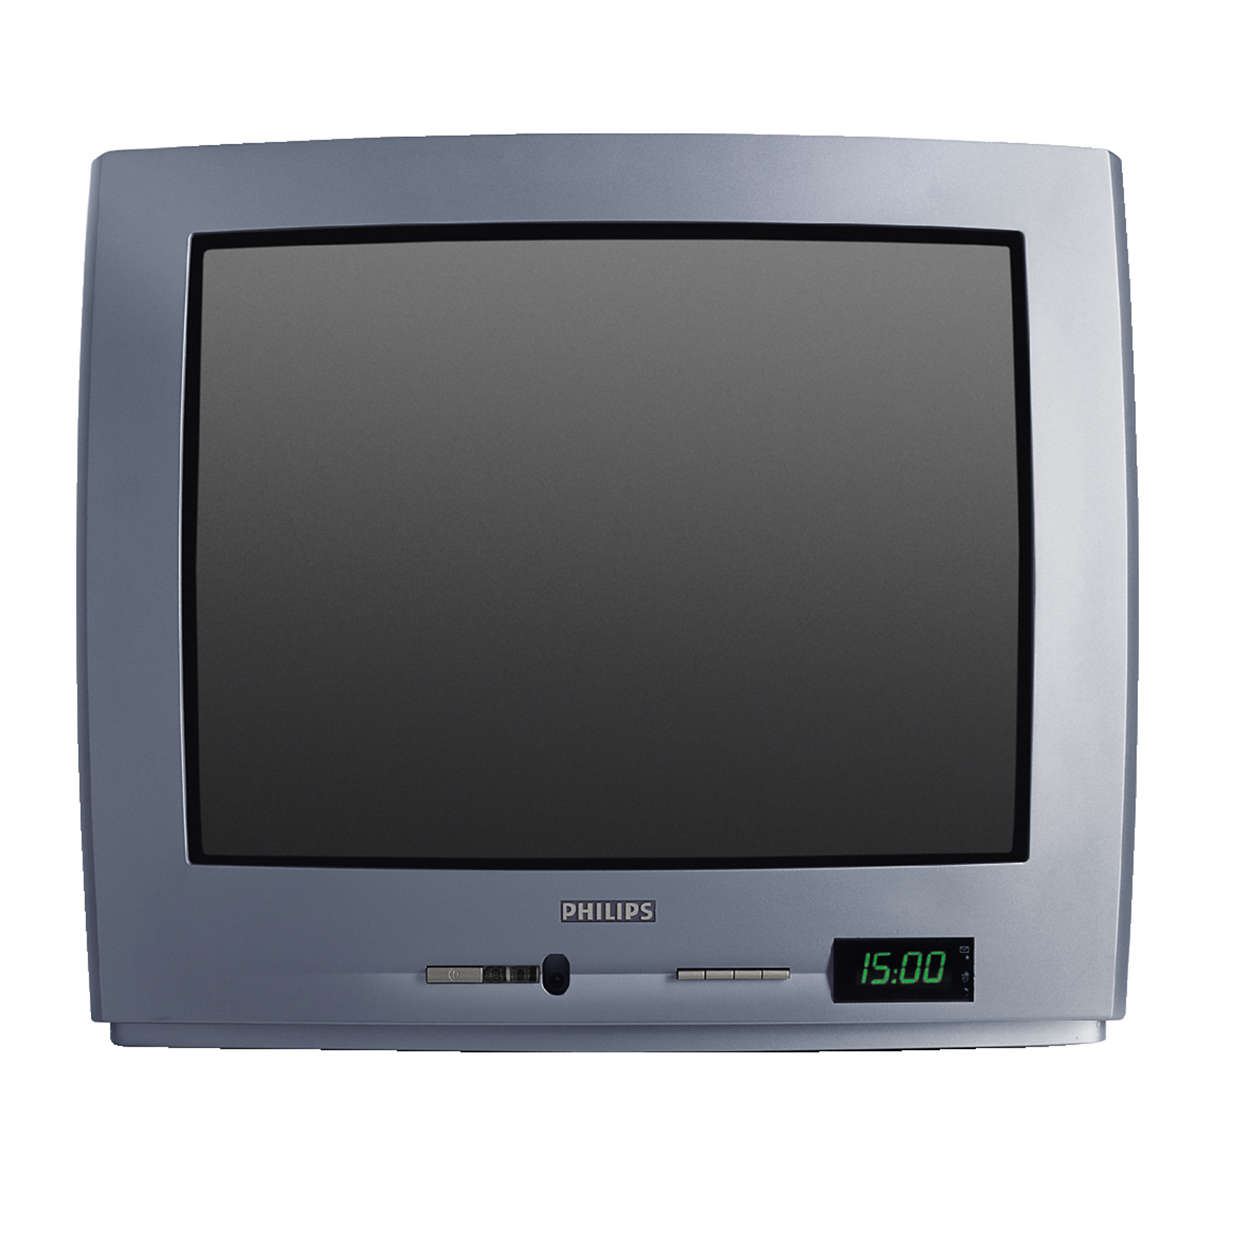 Kompakti ProPlus-televisio, jossa on hotellitila